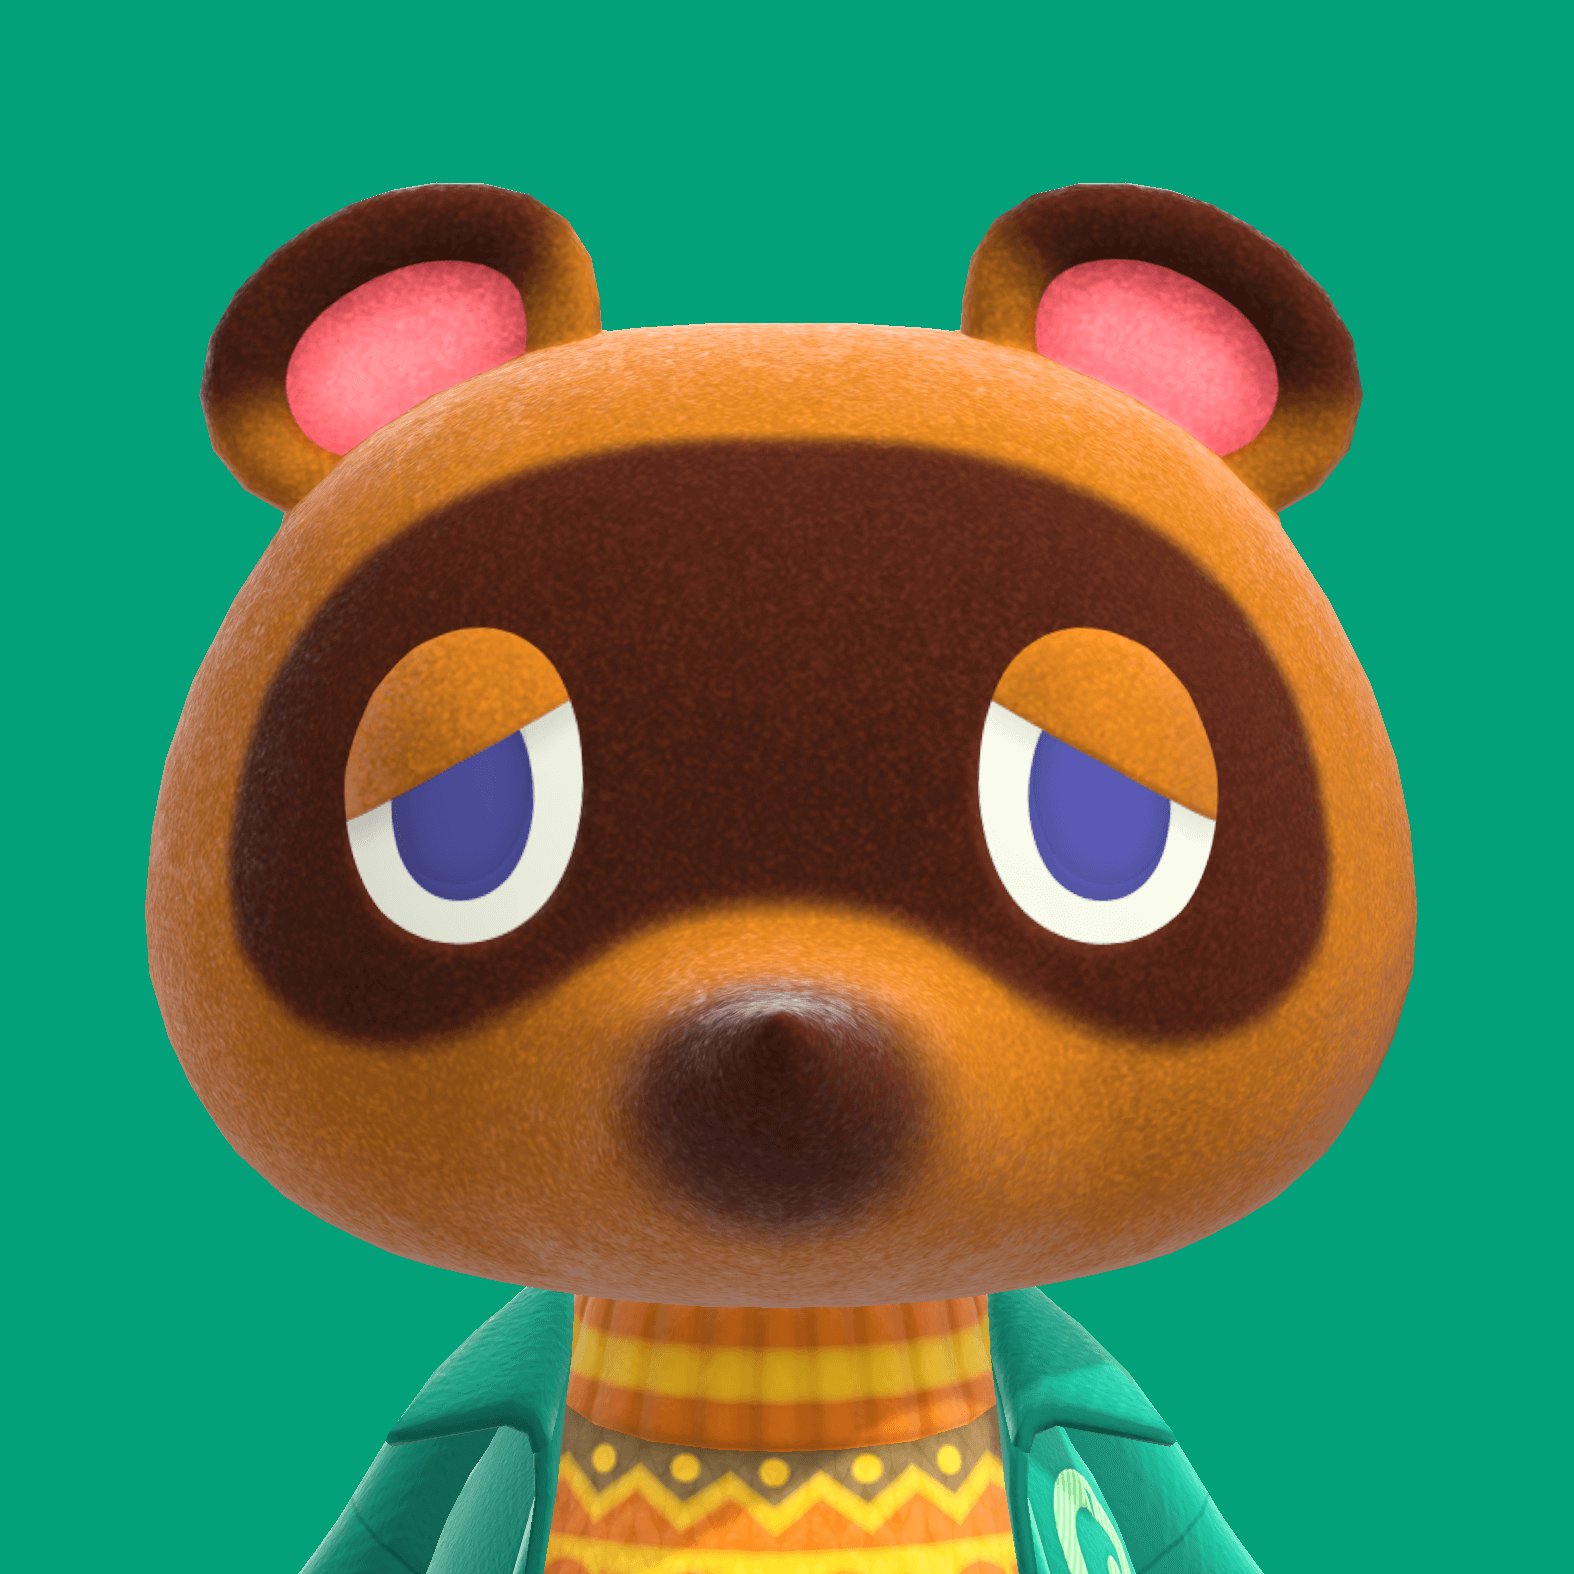 Yohaobaoba avatar